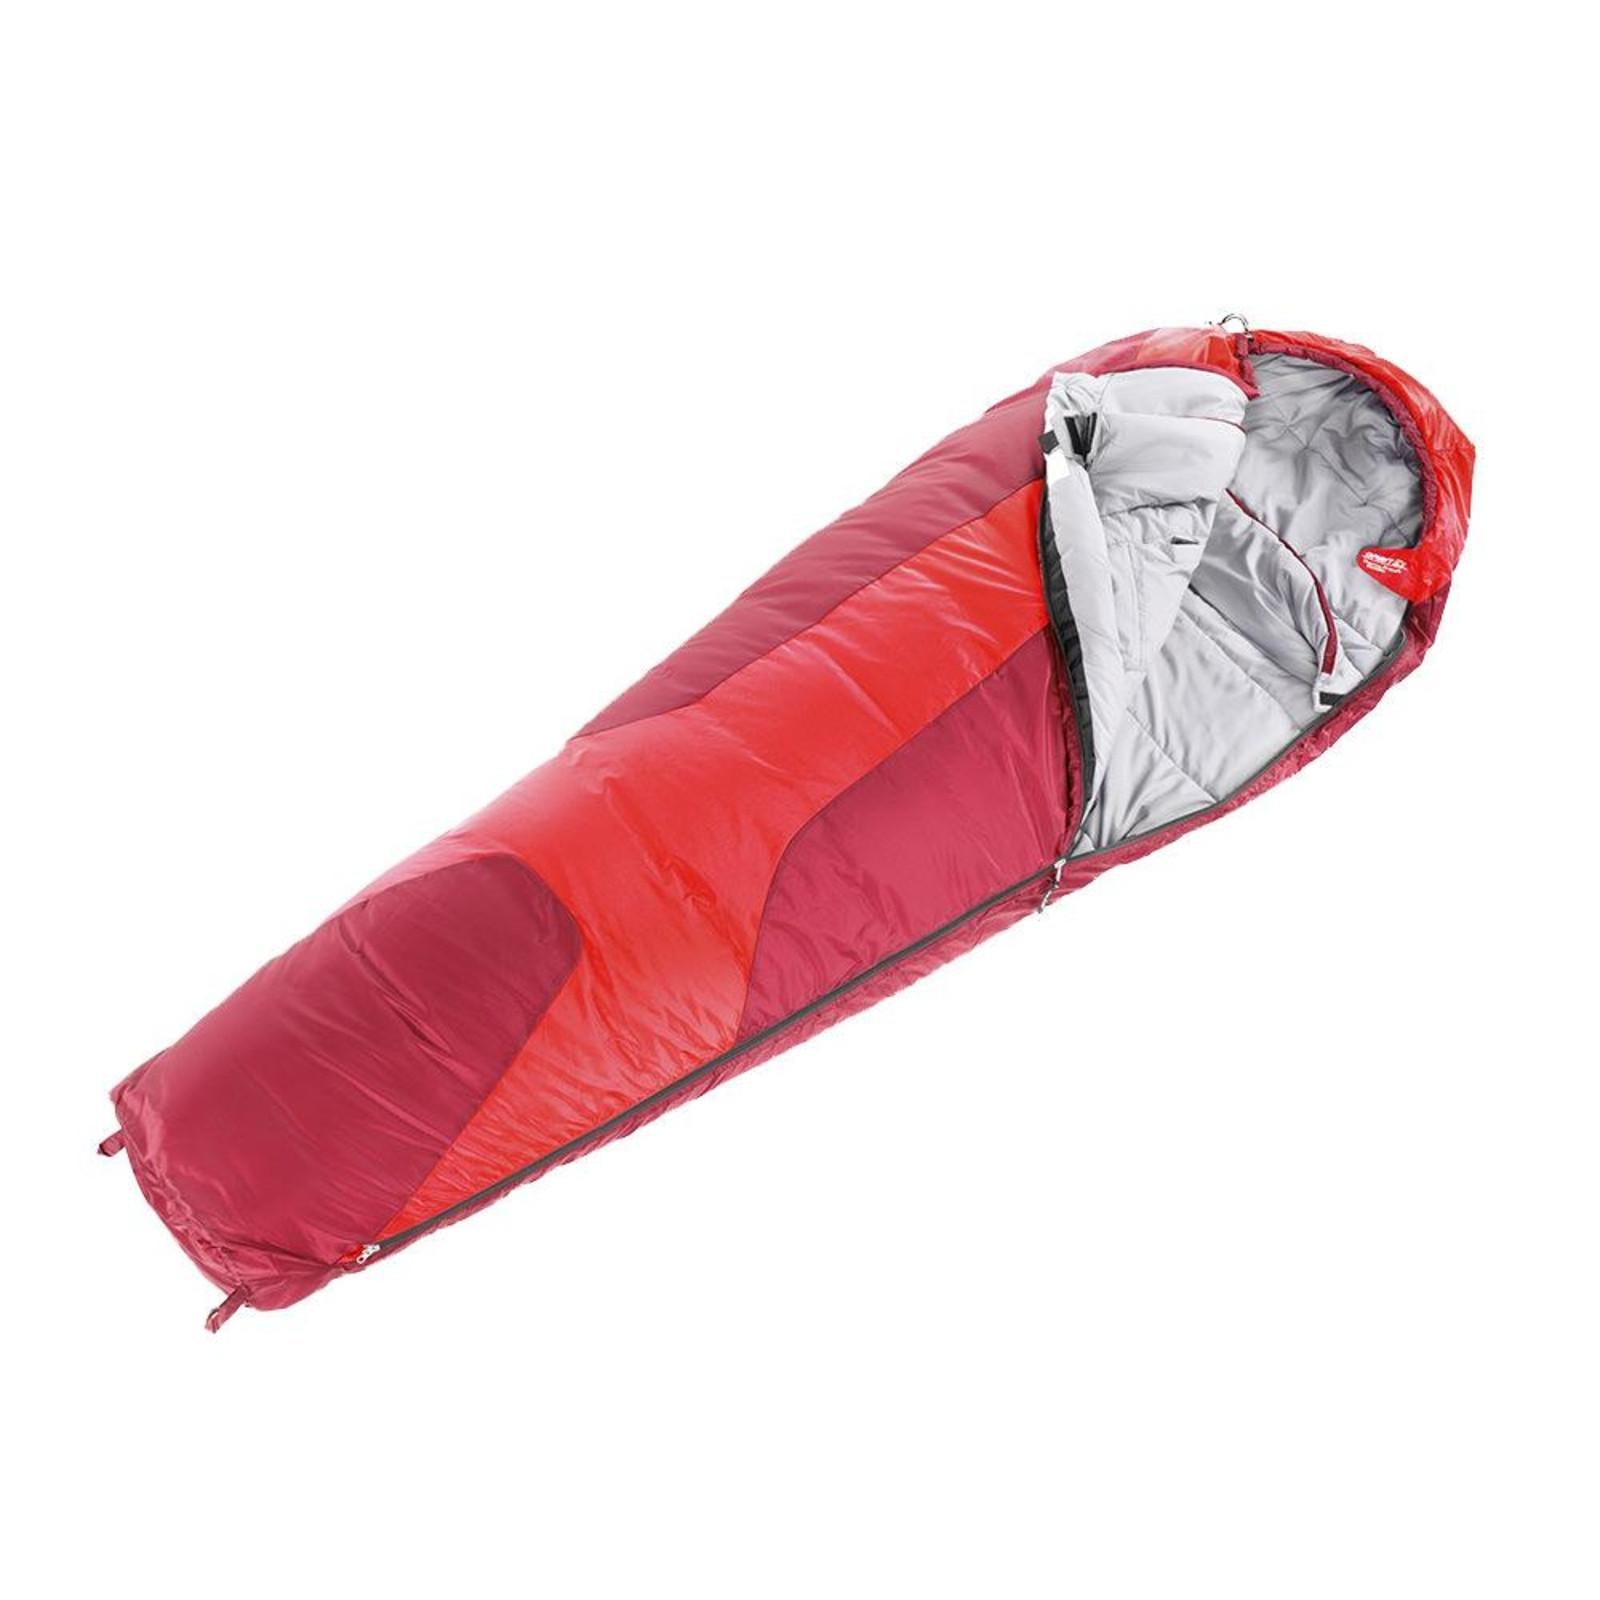 Saco de dormir Deuter Orbit -5